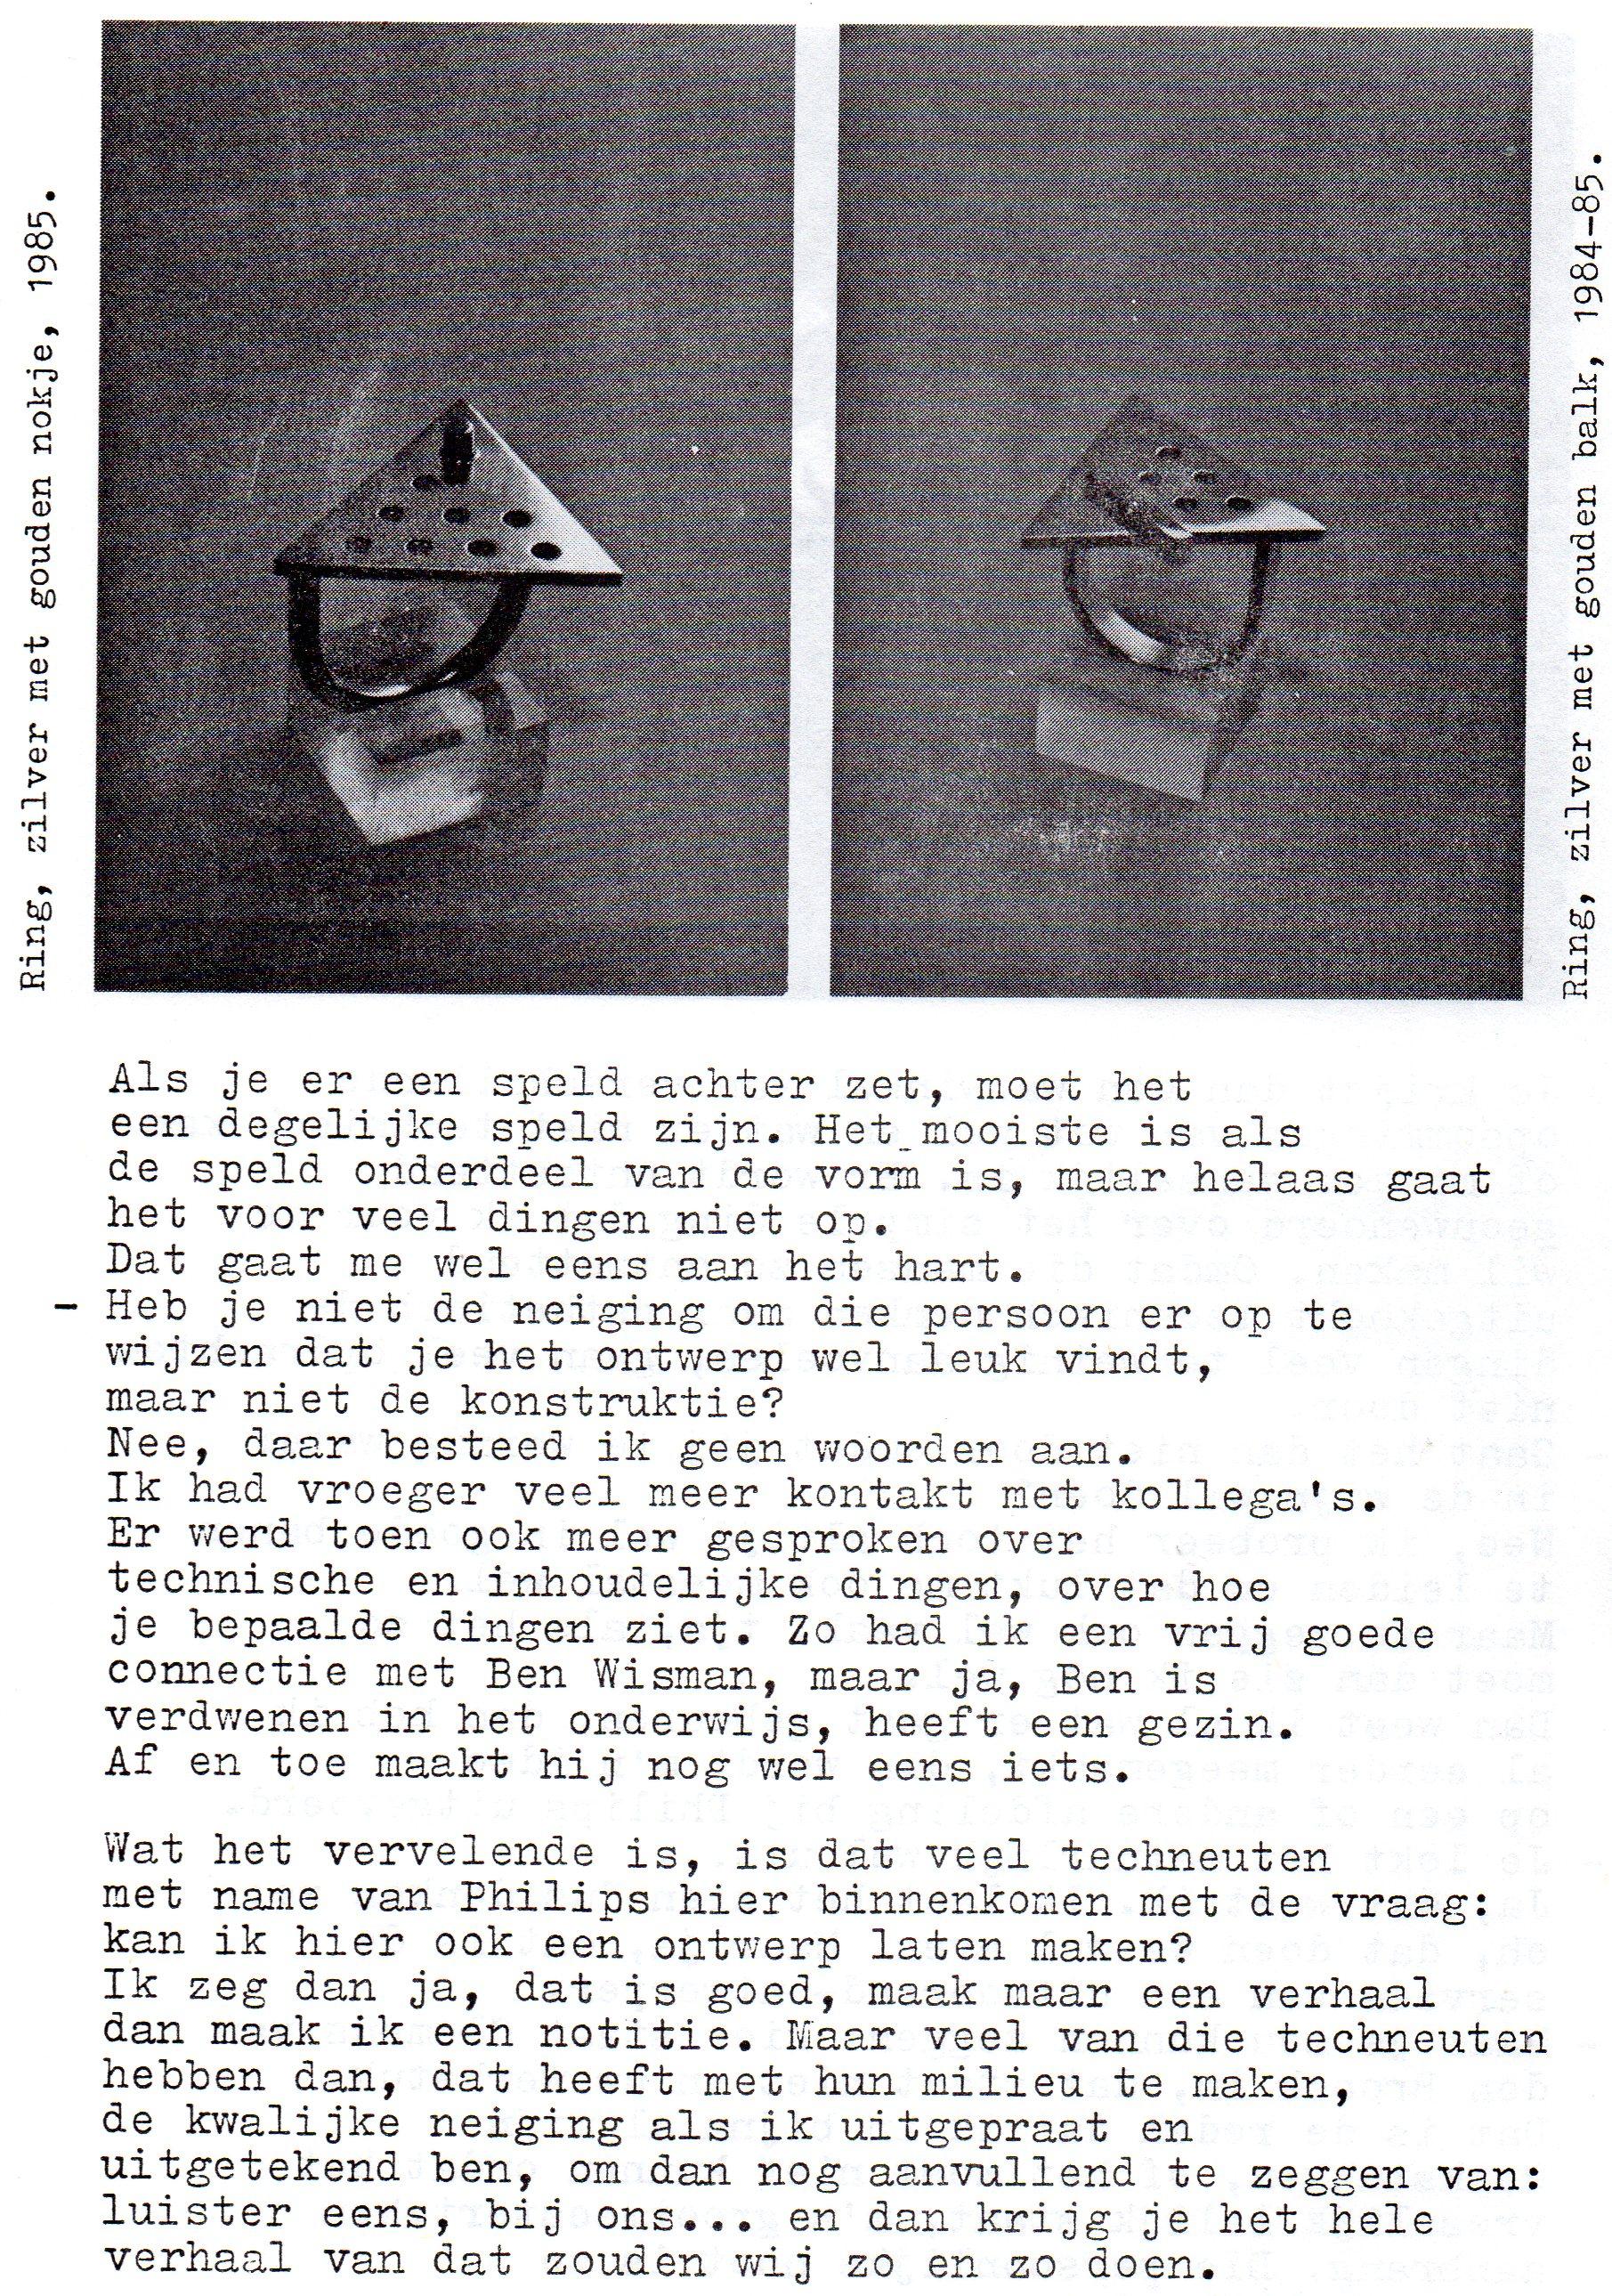 Clemens van den Broeck in het VES bulletin, 11, papier, typoscript